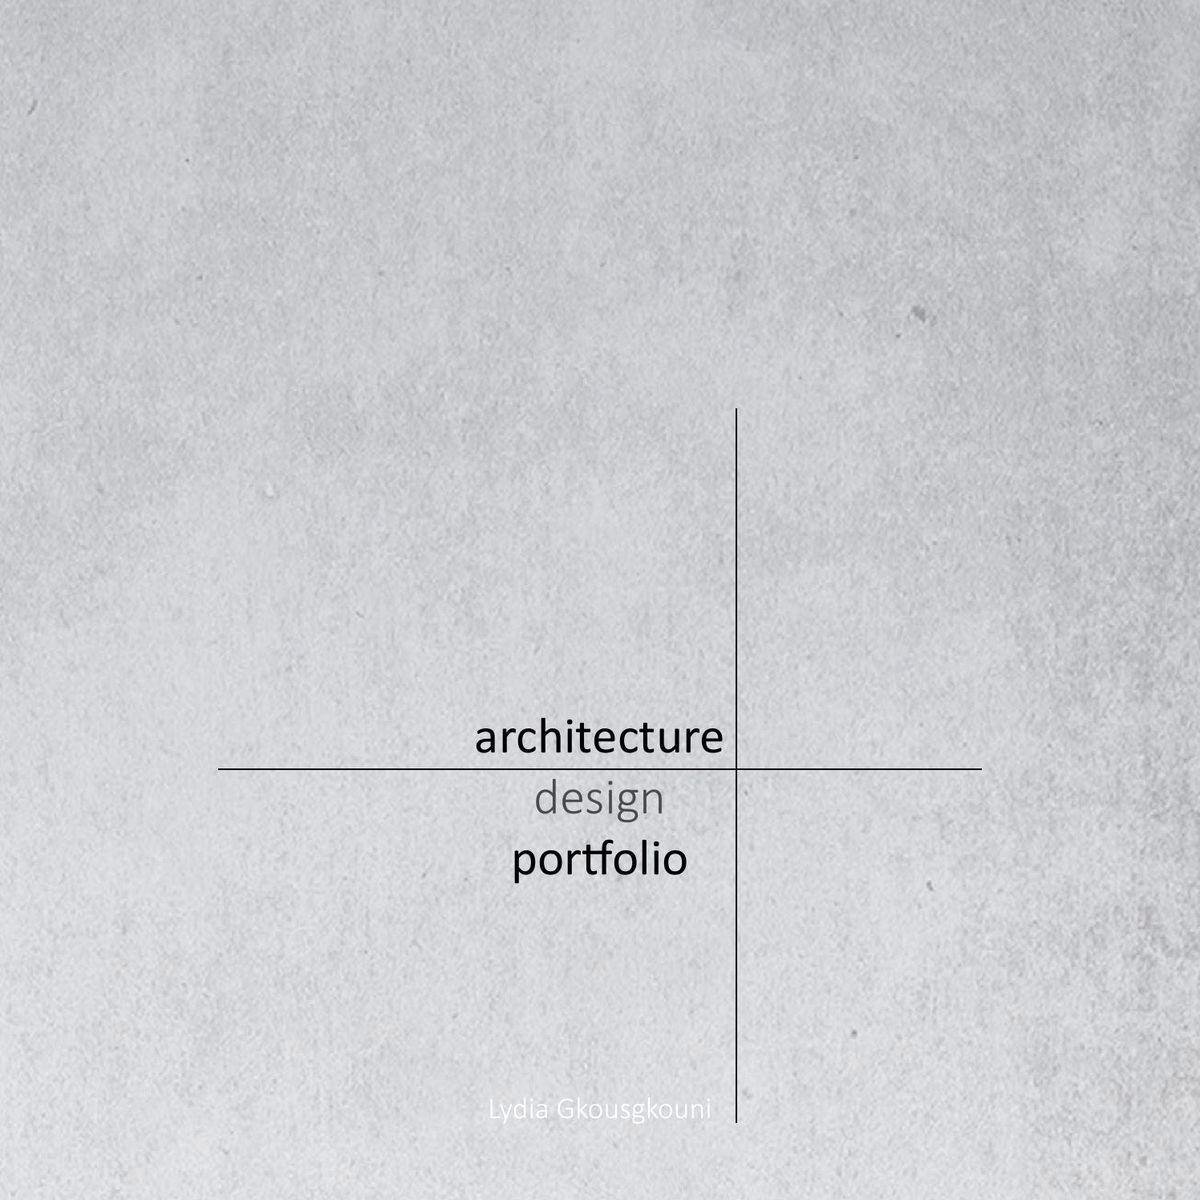 Lydia gkousgkouni architecture portfolio pinteres for Architectural concepts michigan